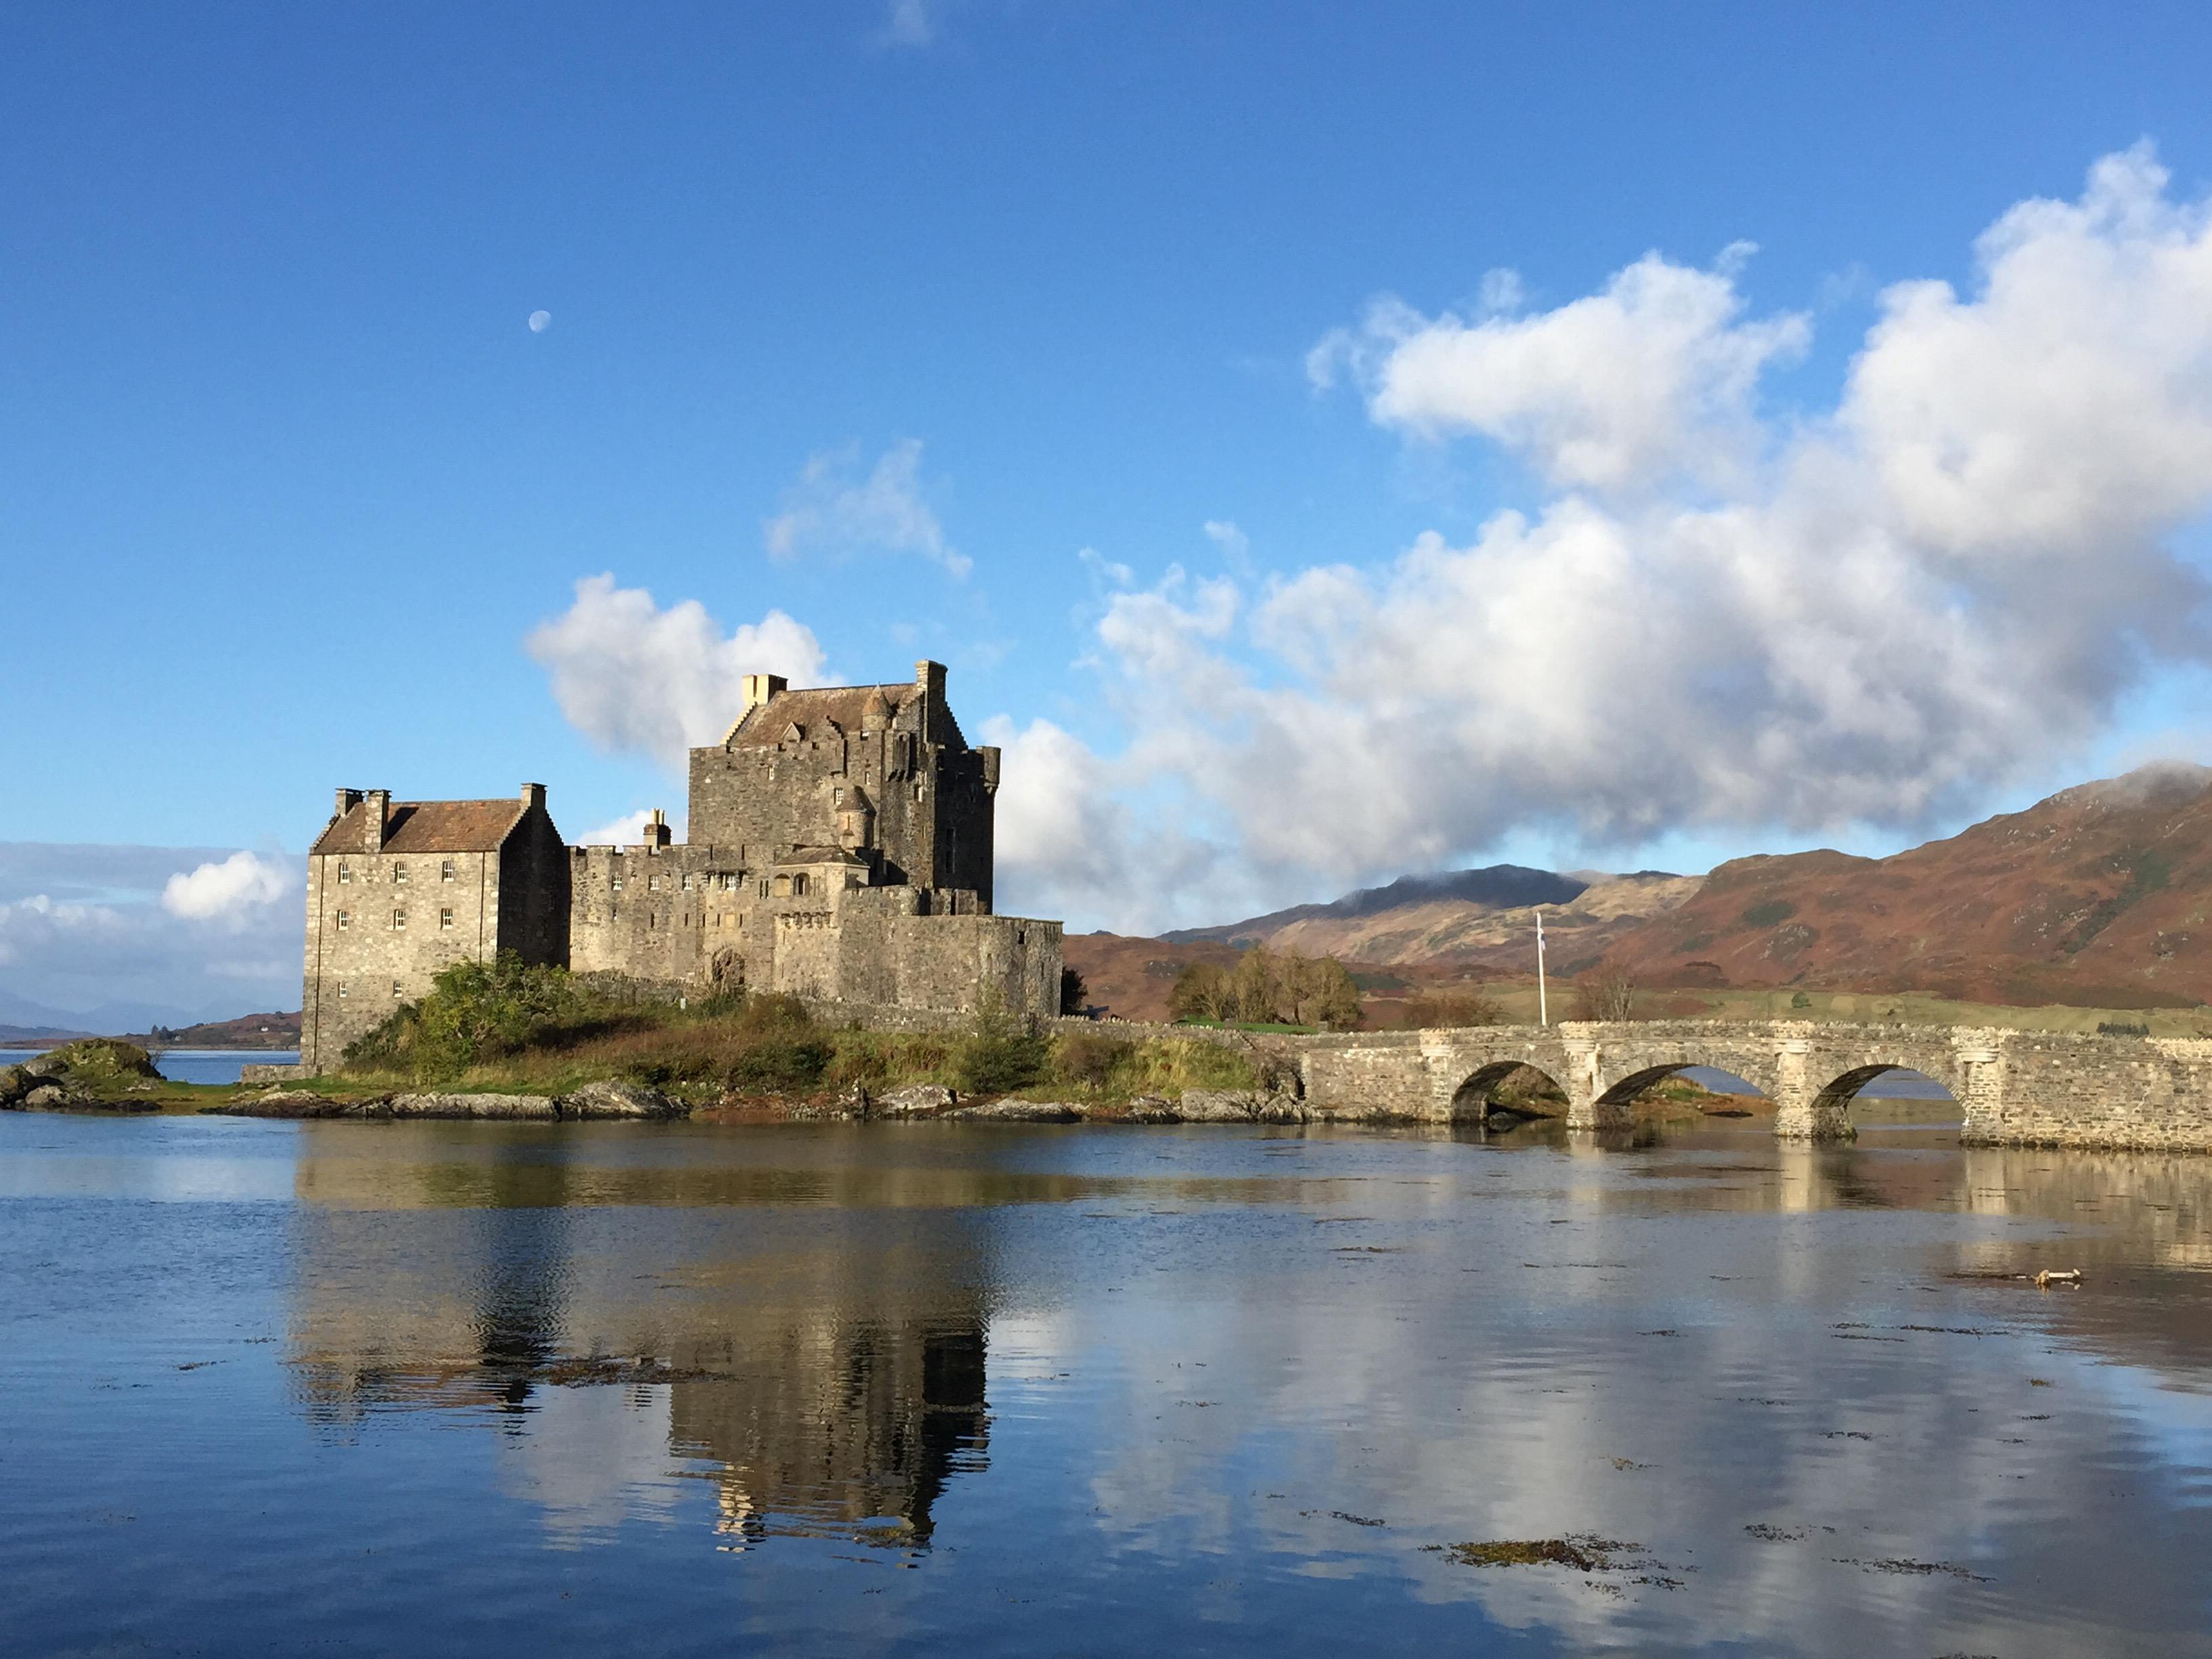 Eilean Donan Castle und die Spiegelung im Wasser.